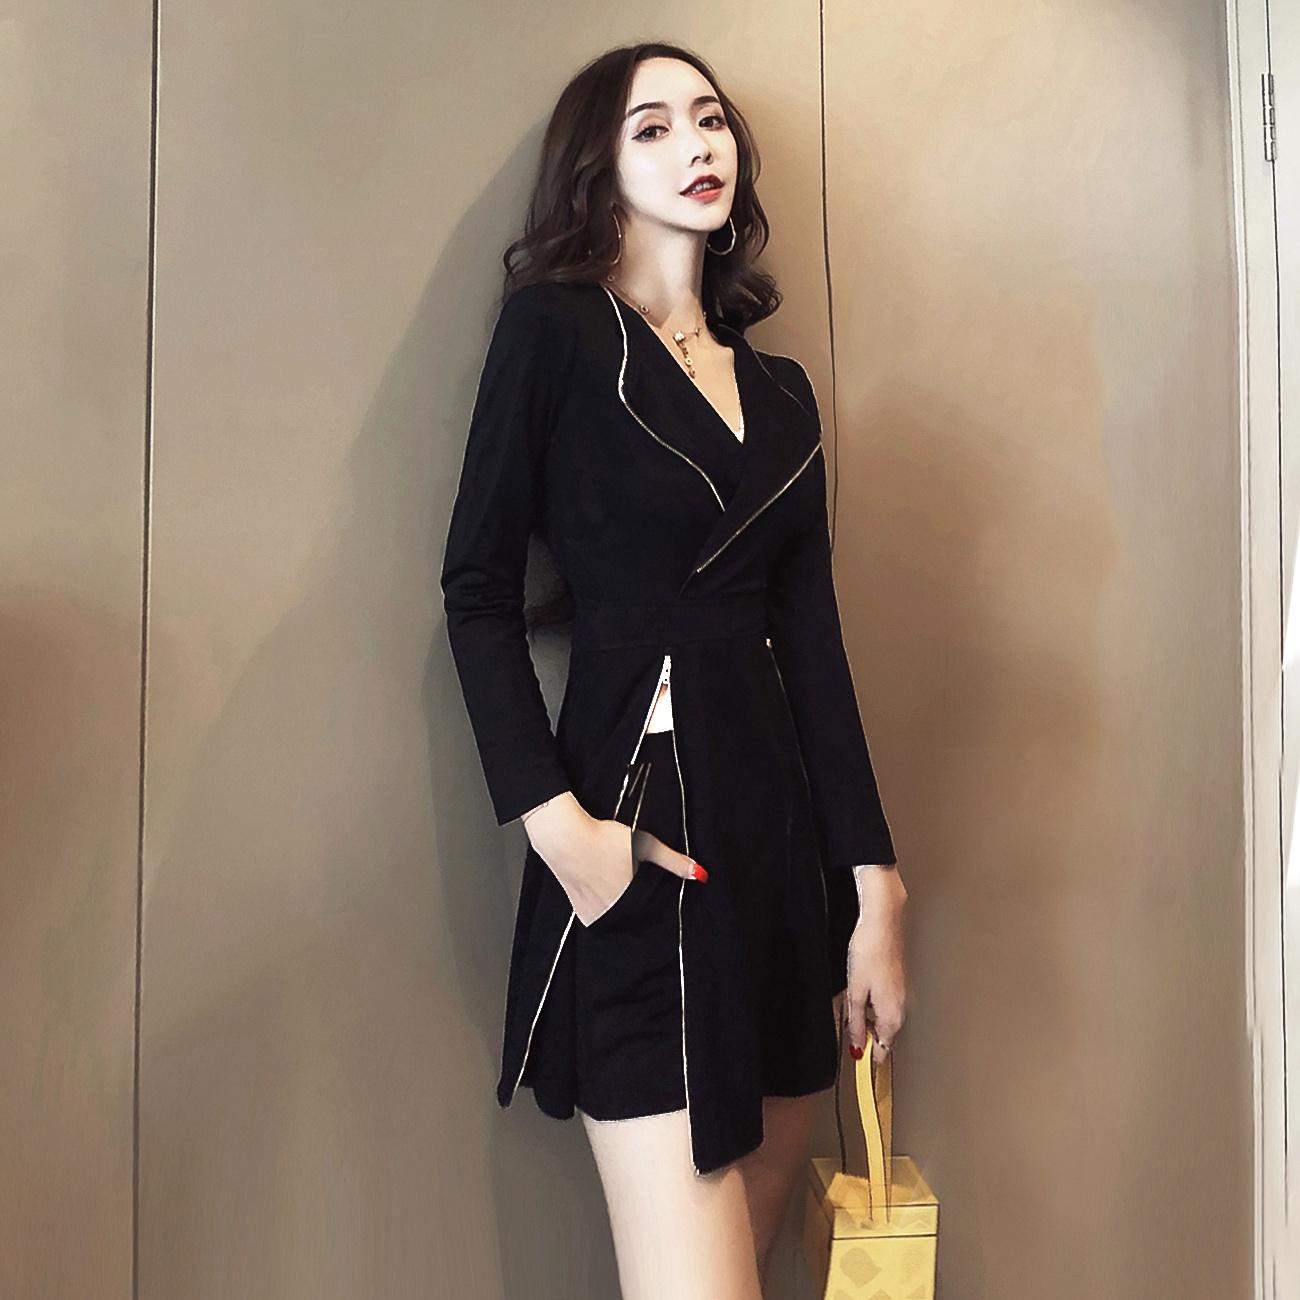 秋季女名媛小香风chic港味社会女网红蹦迪套装两件套帅气精神女装